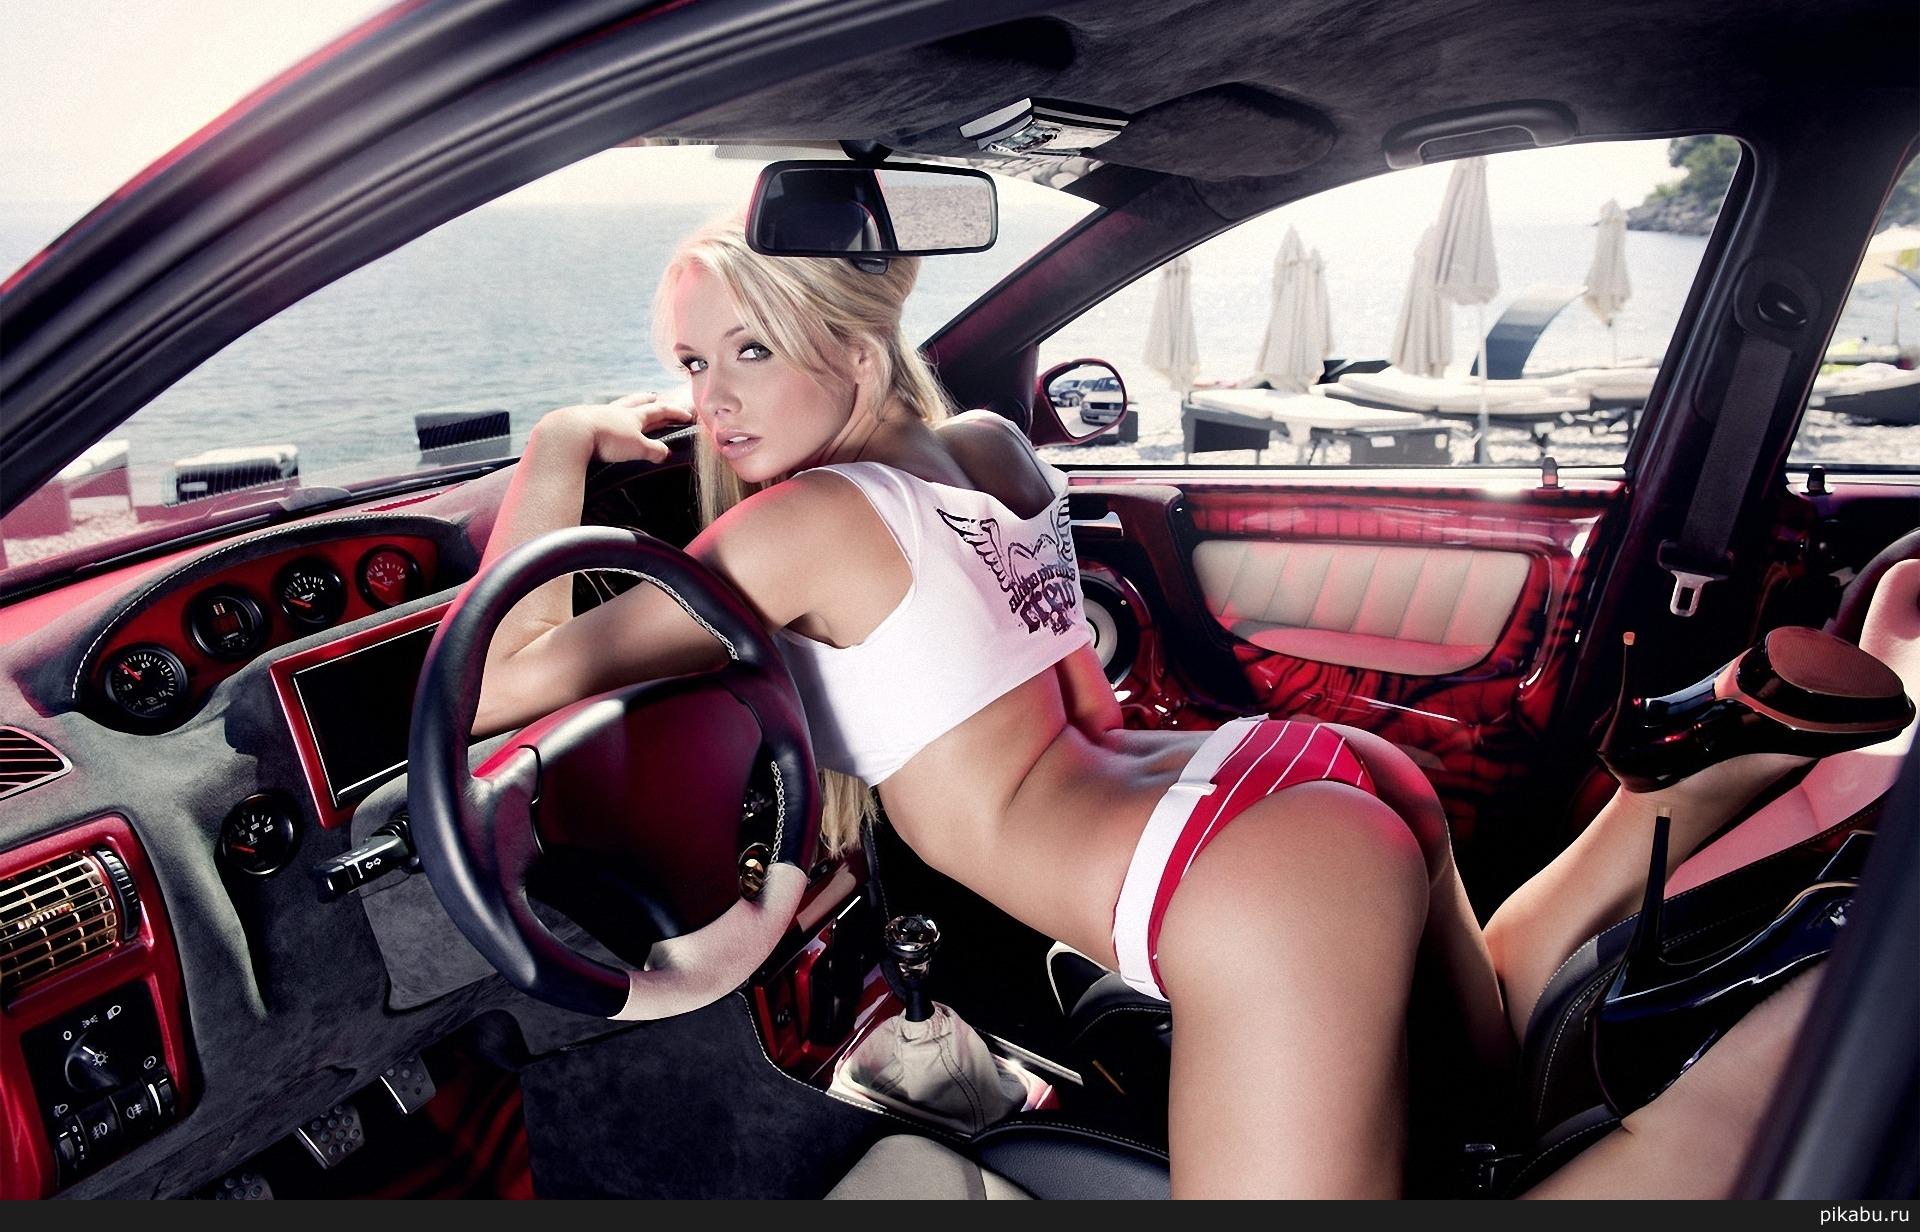 Красивые девушки в машине блондинки фото